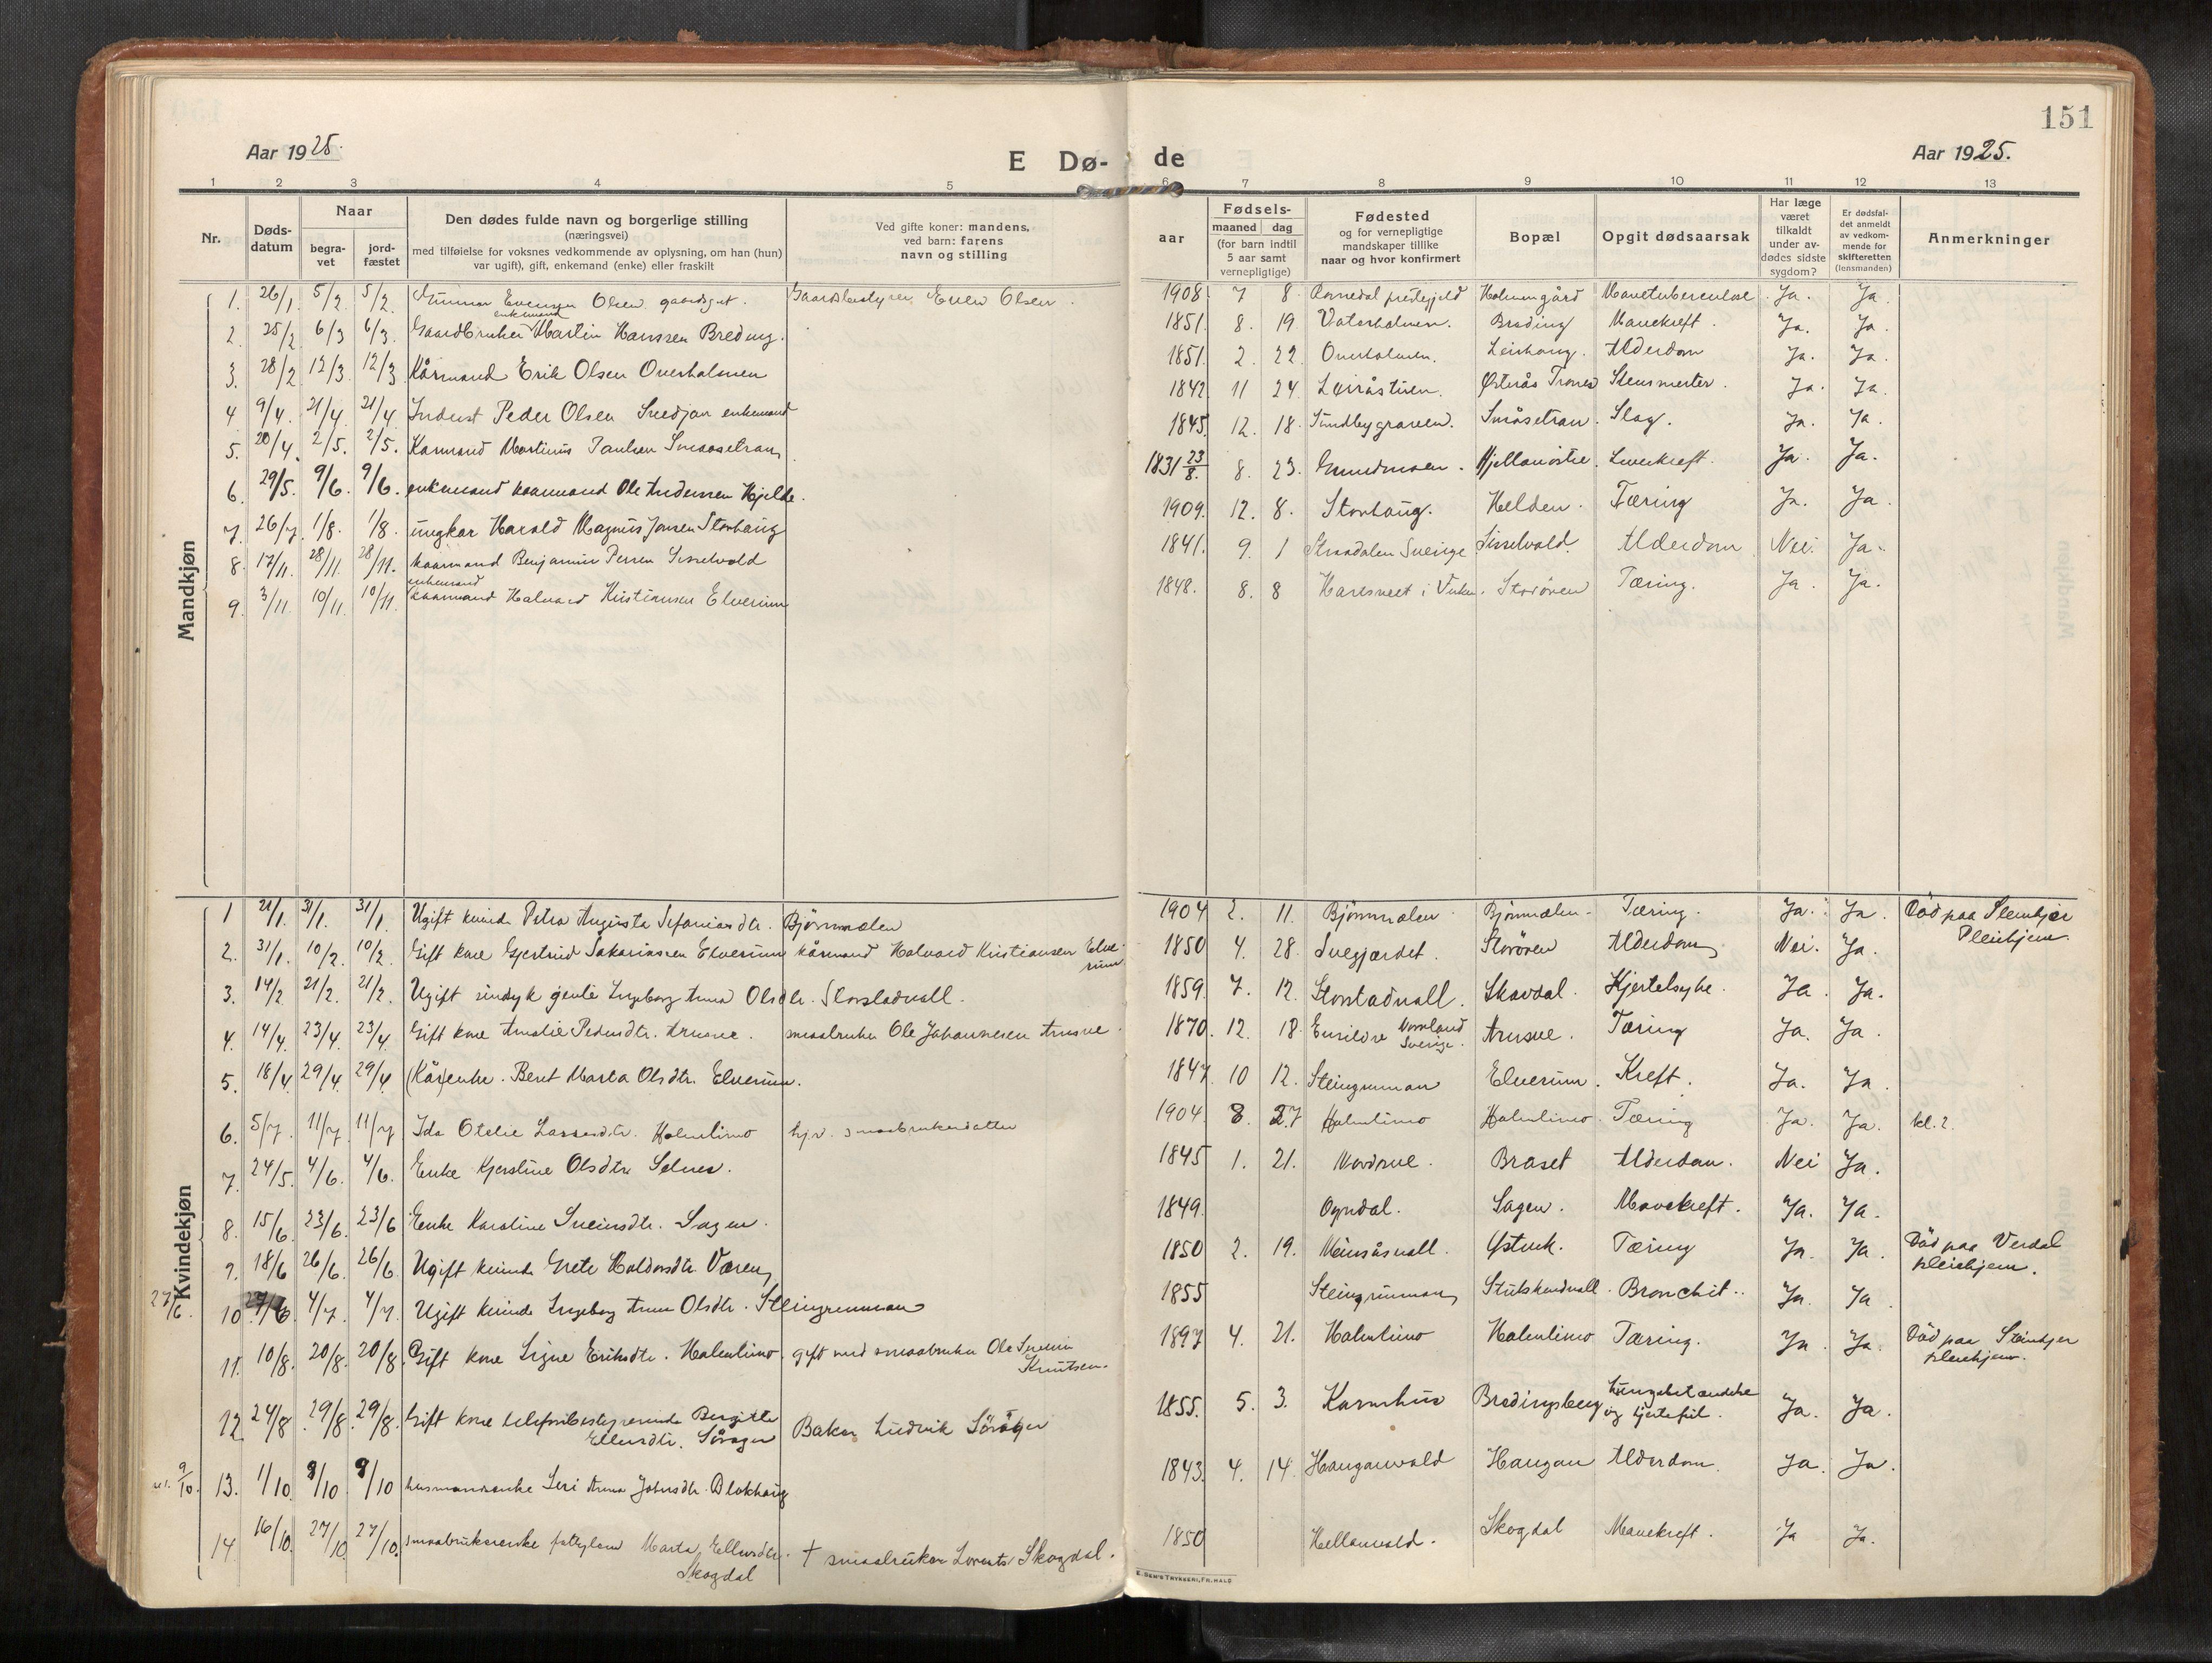 SAT, Verdal sokneprestkontor*, Parish register (official) no. 1, 1916-1928, p. 151